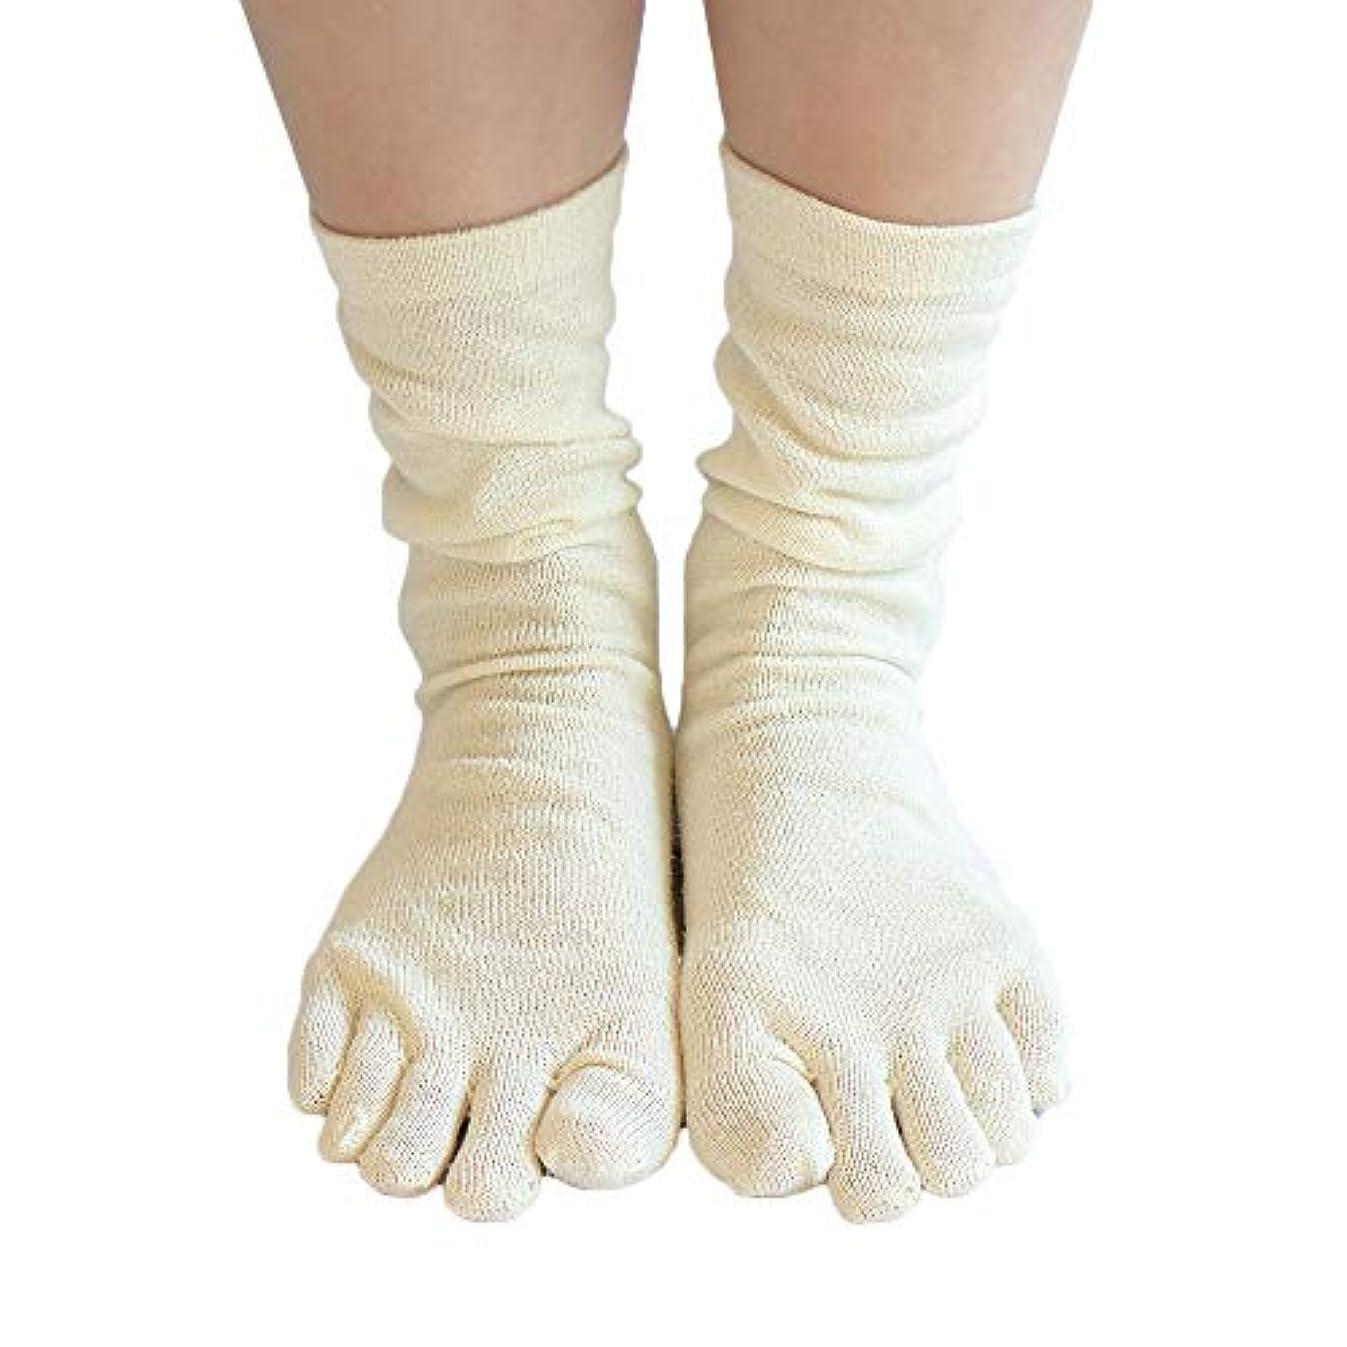 小学生指定絡み合いシルク 100% 五本指 ソックス 3足セット かかとあり 上質な絹紡糸と紬糸ブレンドした絹糸を100%使用した薄手靴下 重ね履きのインナーソックスや冷えとりに